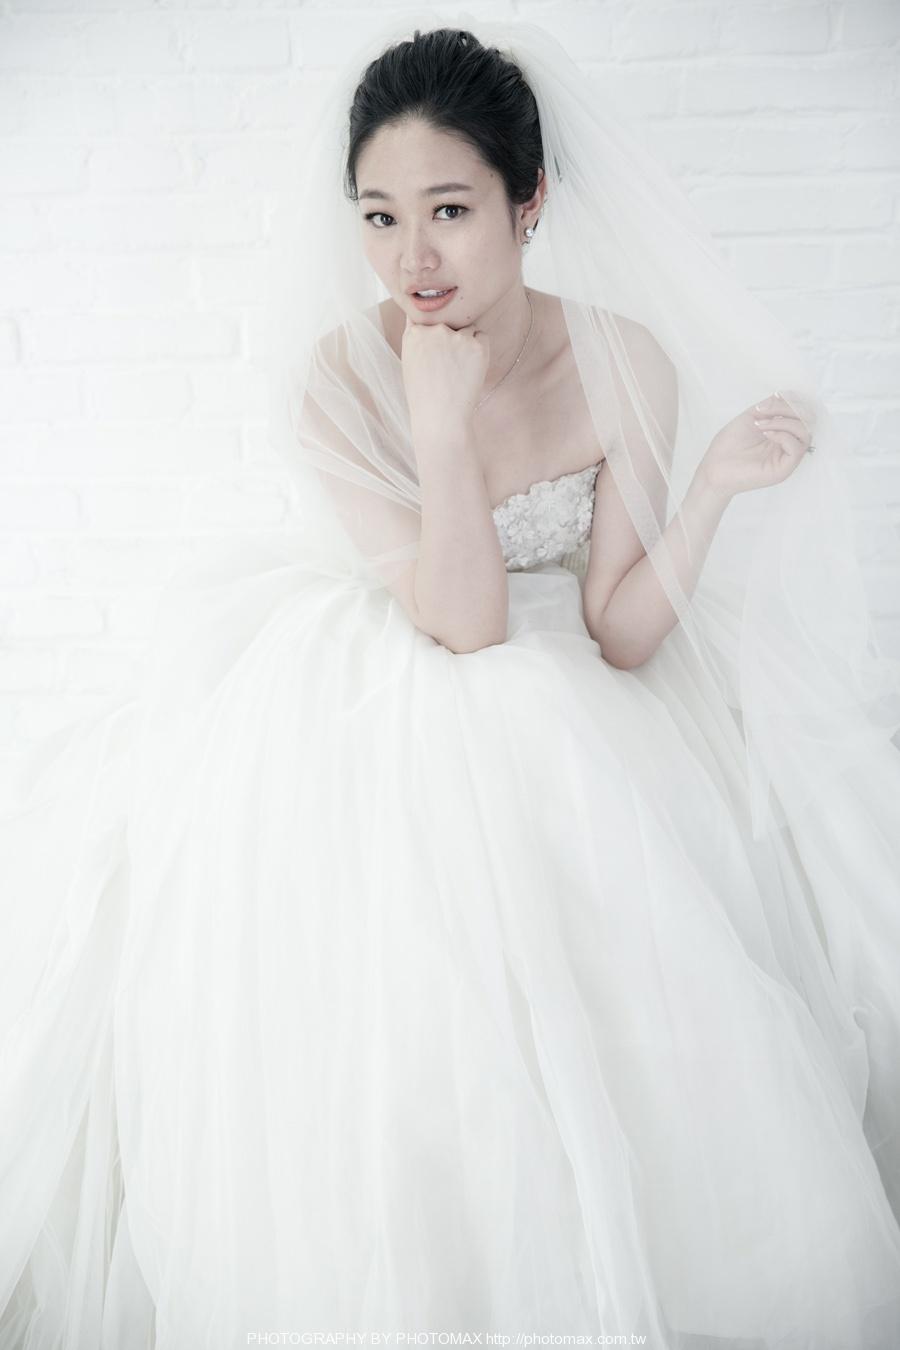 周甜 PHOTO MAX 婚纱摄影 PHOTOMAX 老麦摄影 (2)